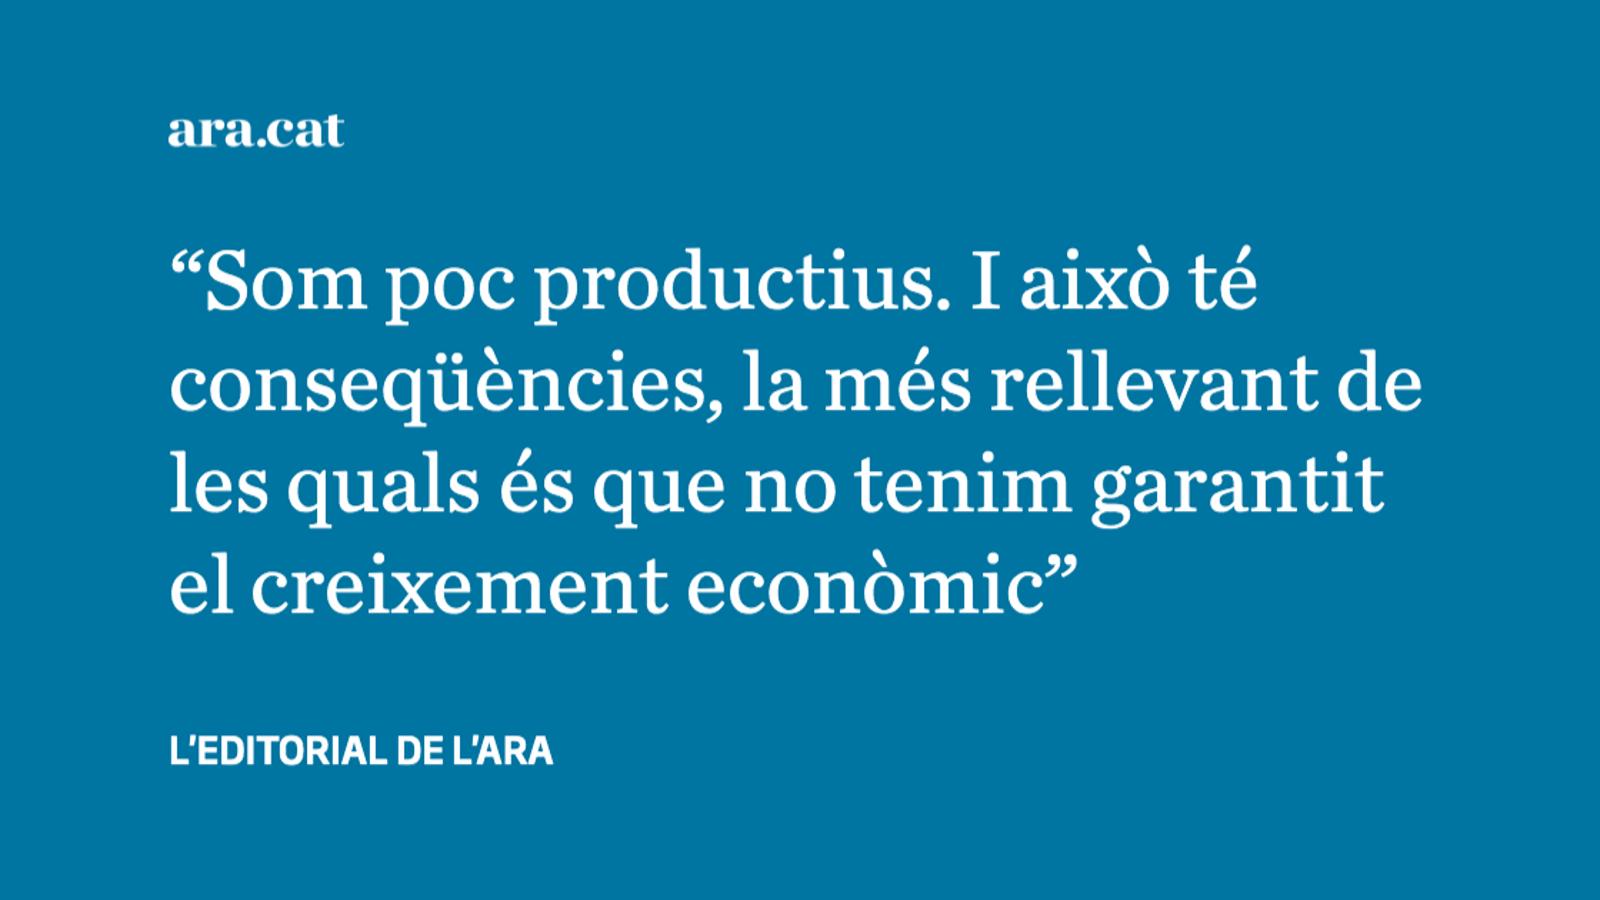 Catalunya suspèn en productivitat